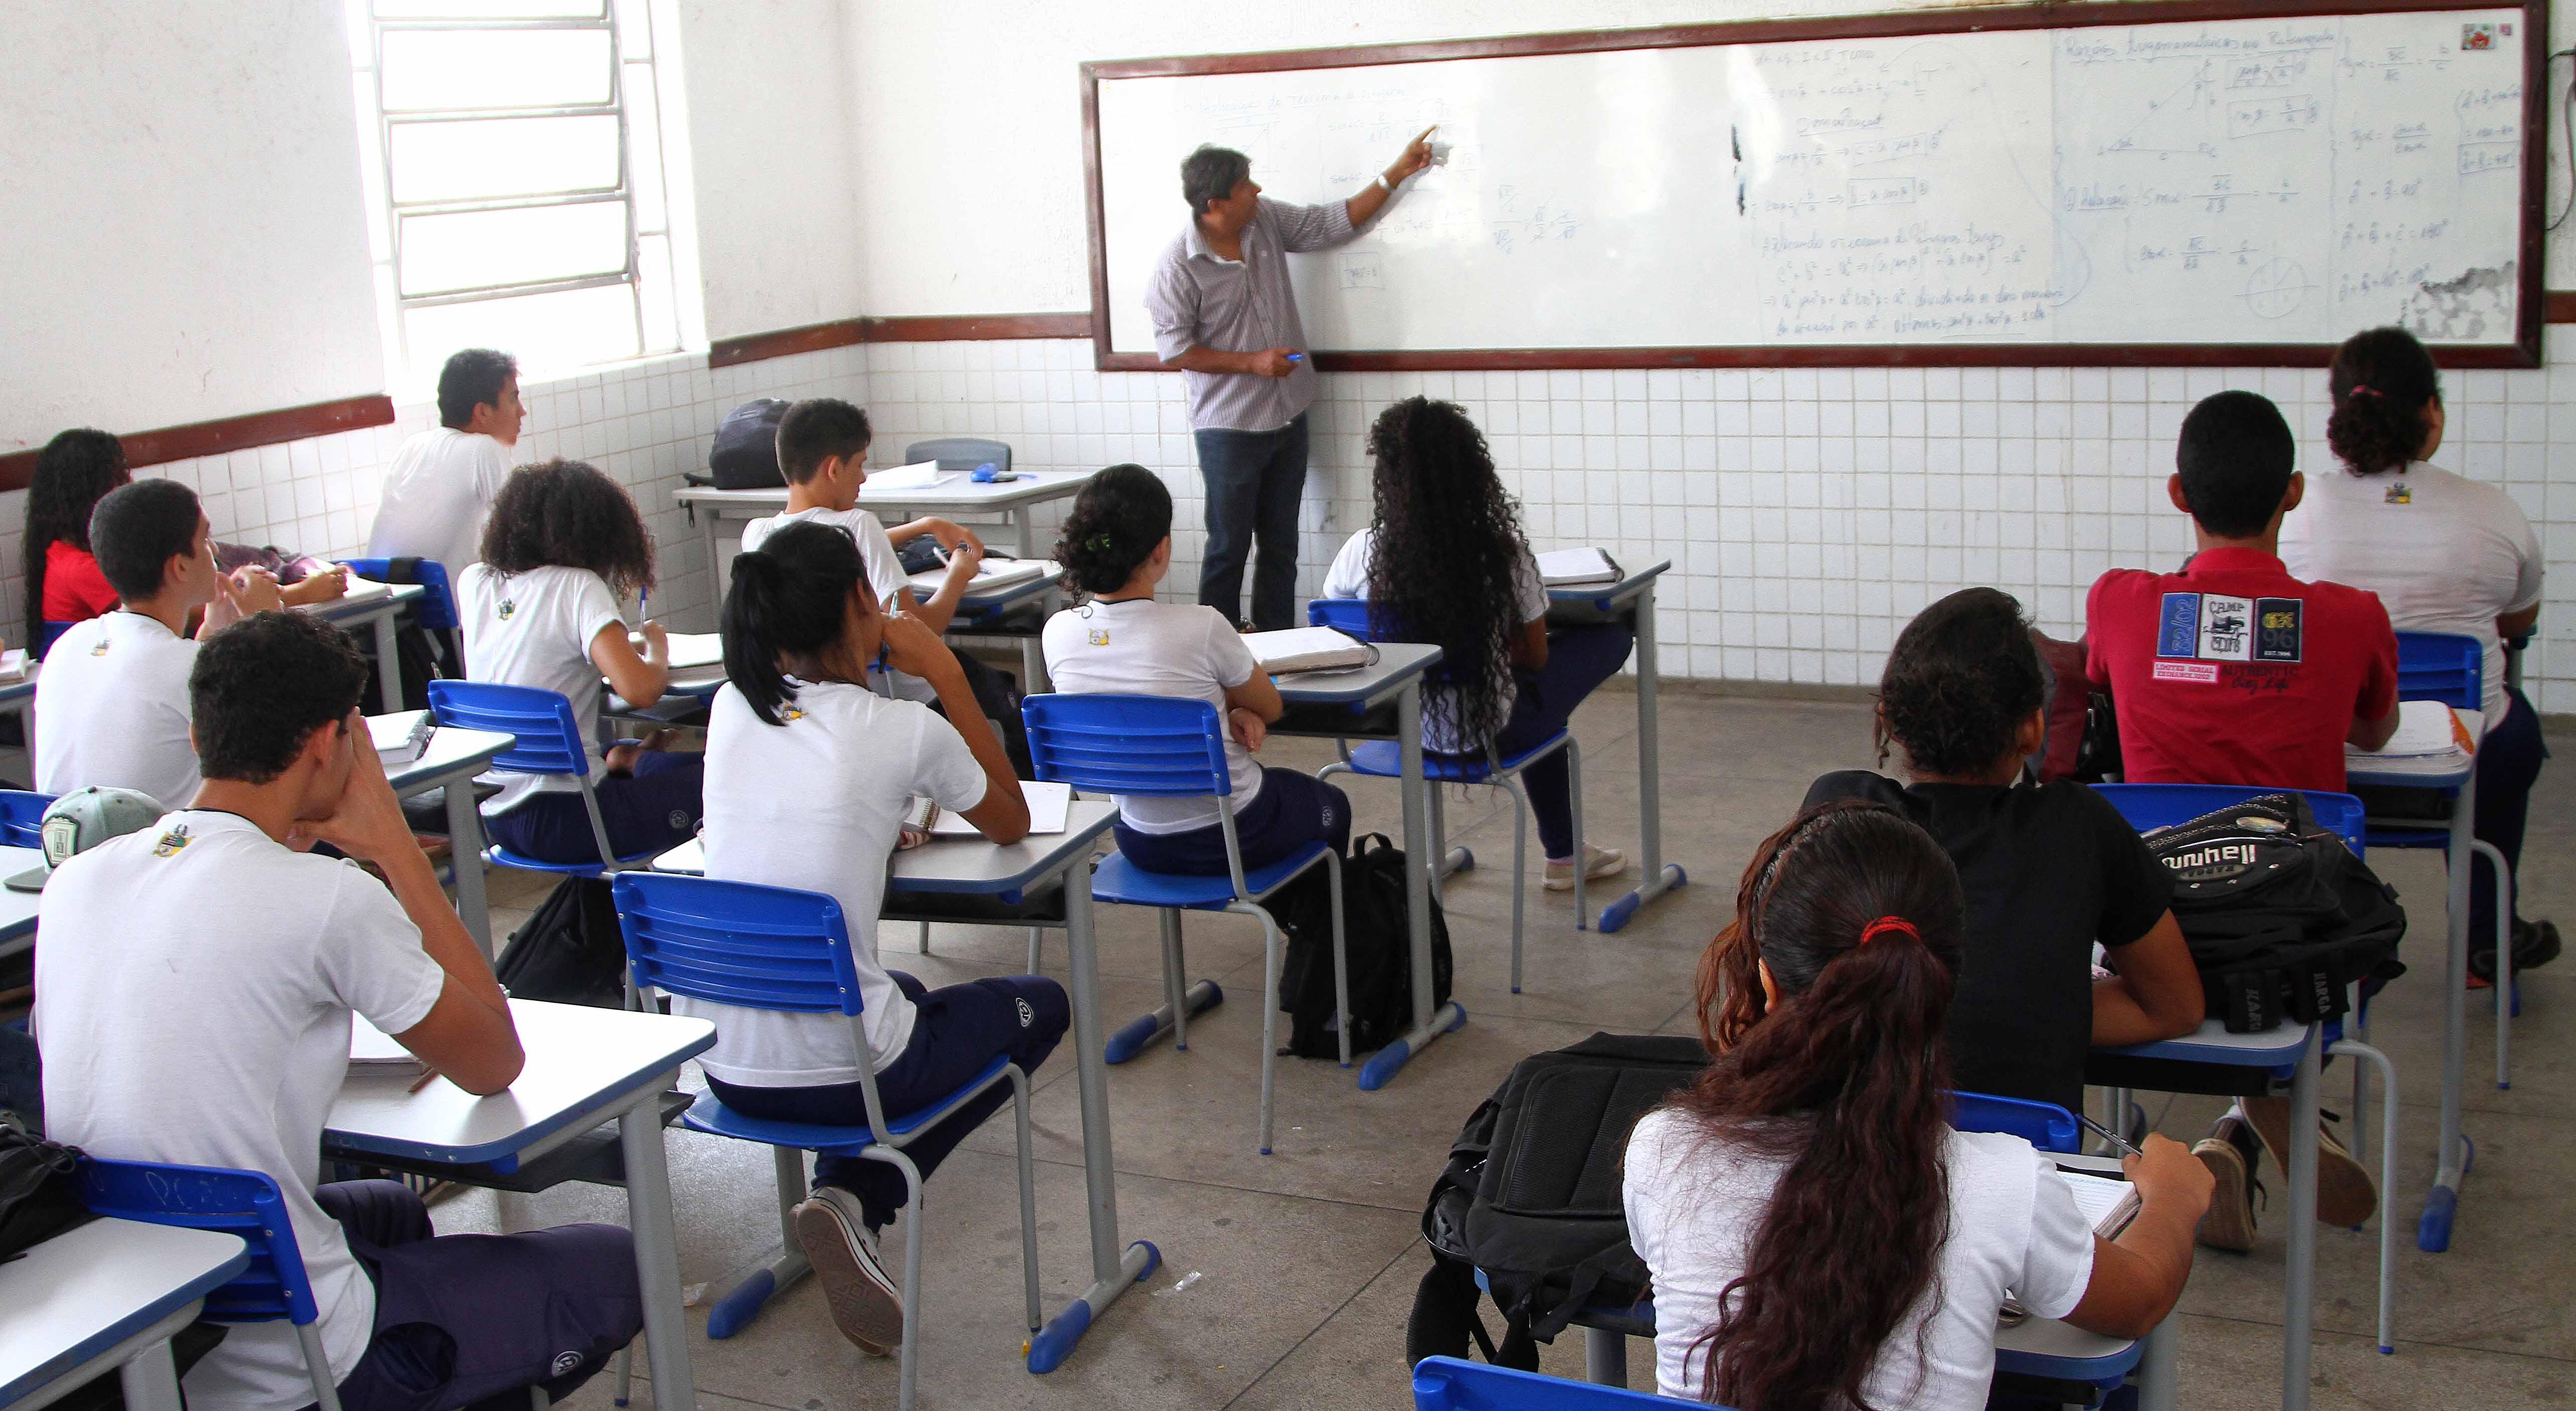 Concurso professor ma anunciado pelo governador para 2018 for Concurso profesor